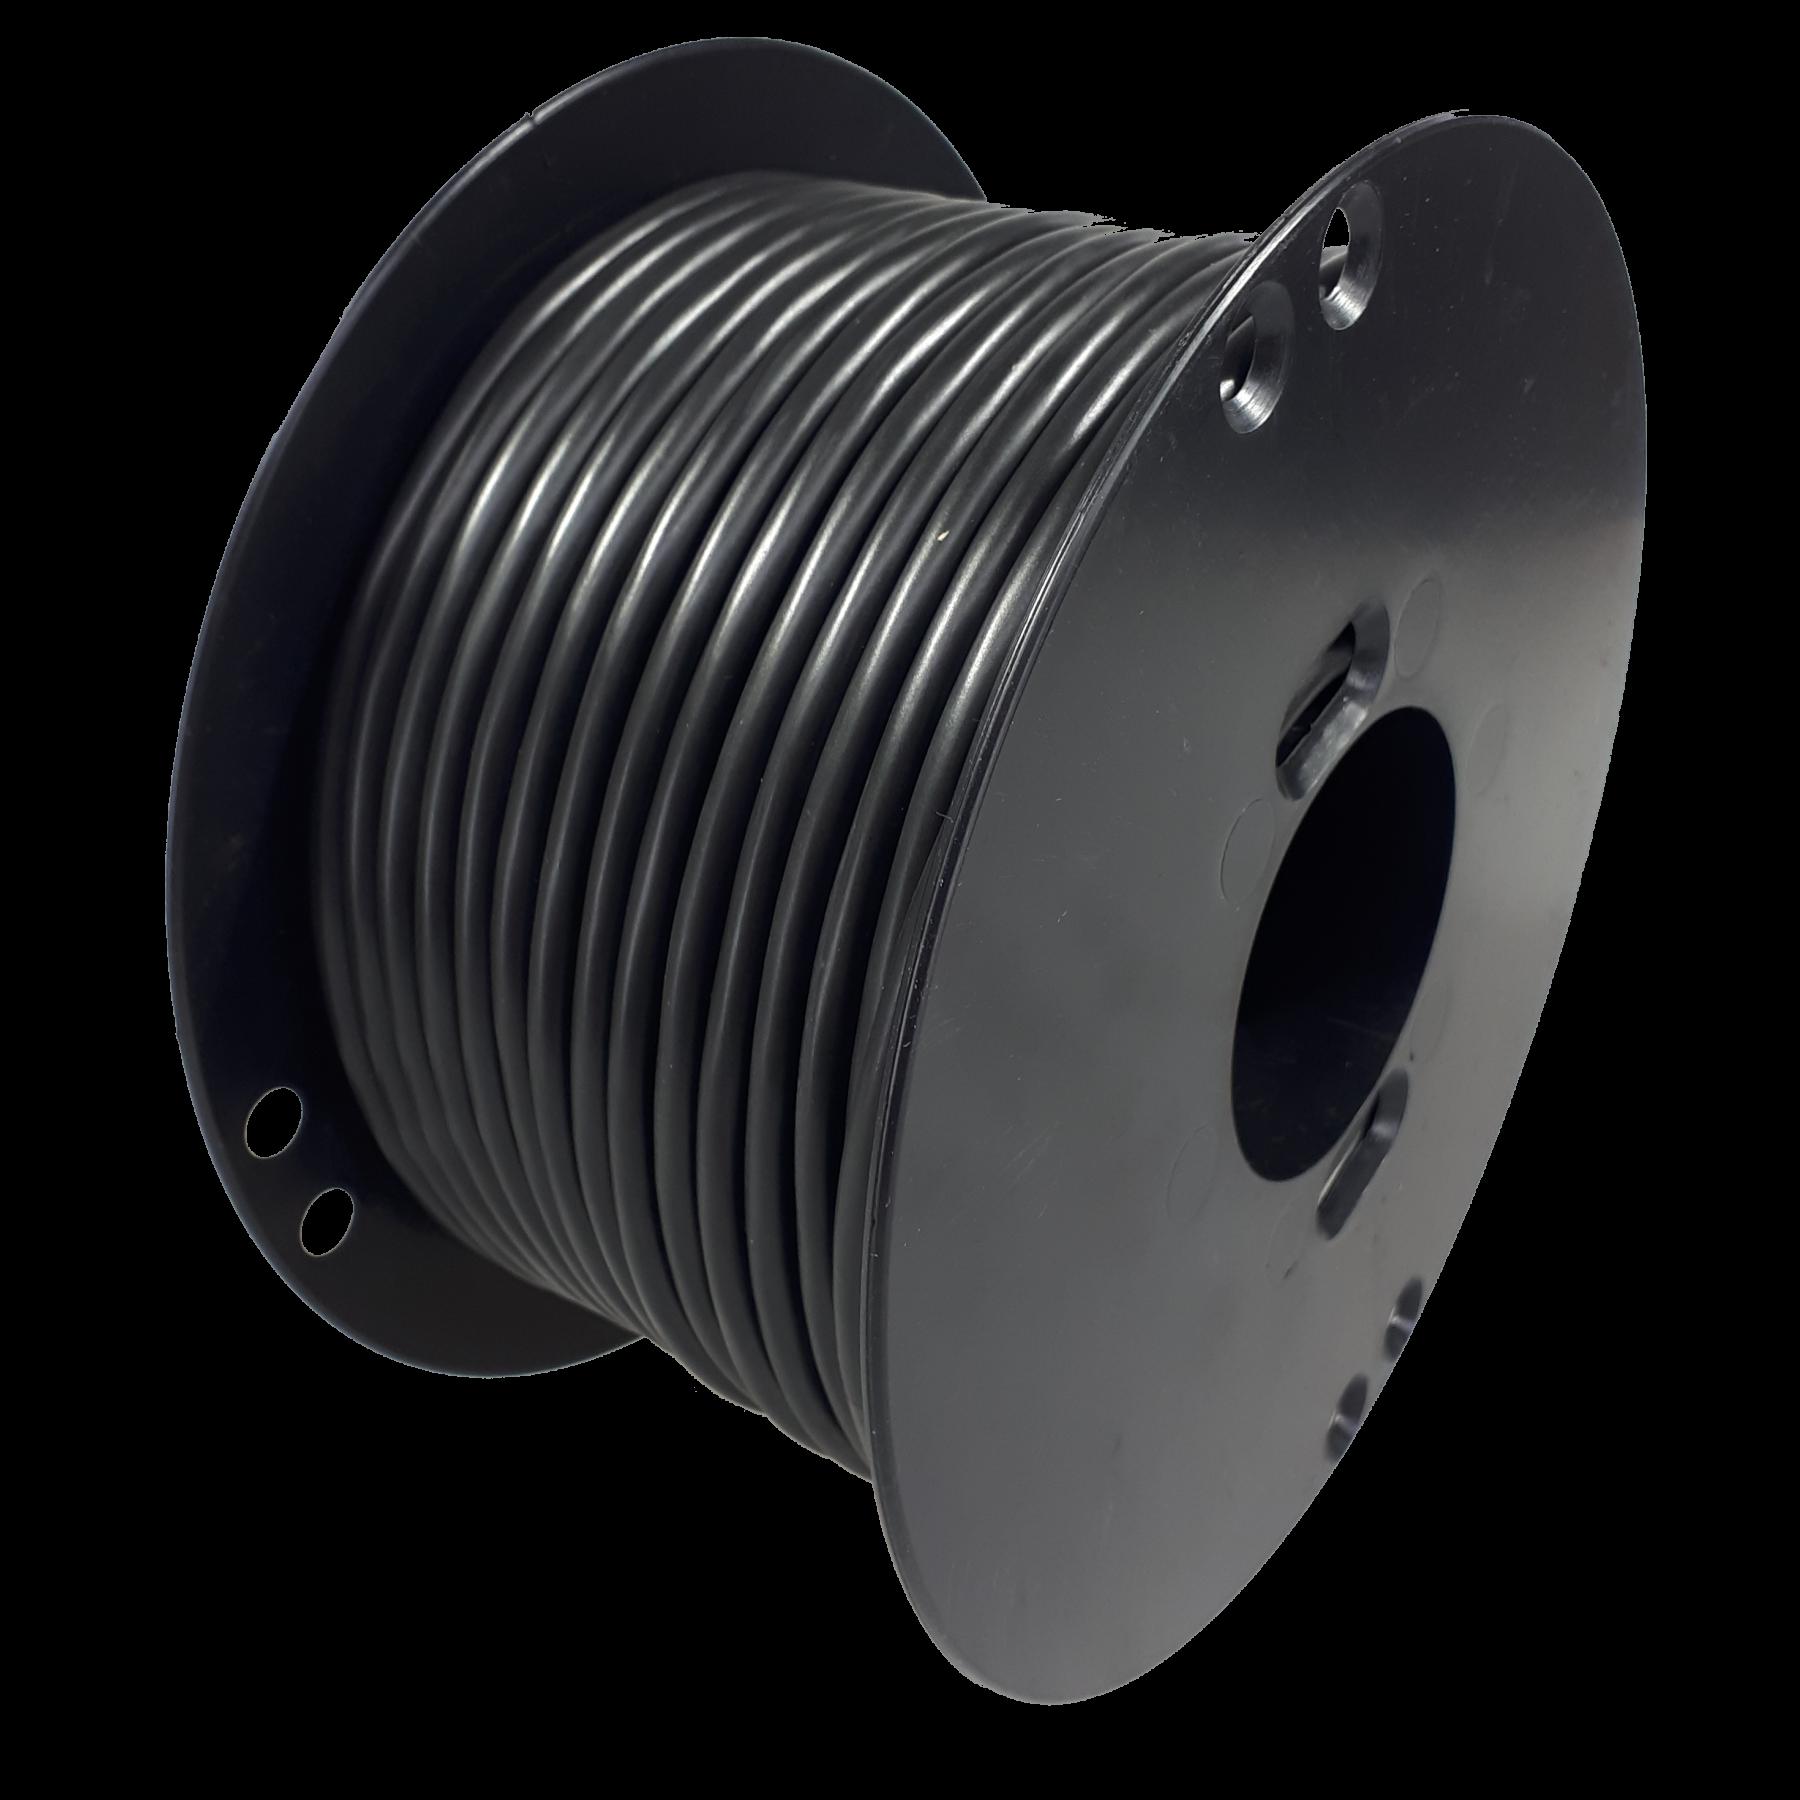 Kabel 2x1,0mmq rond 50m haspel